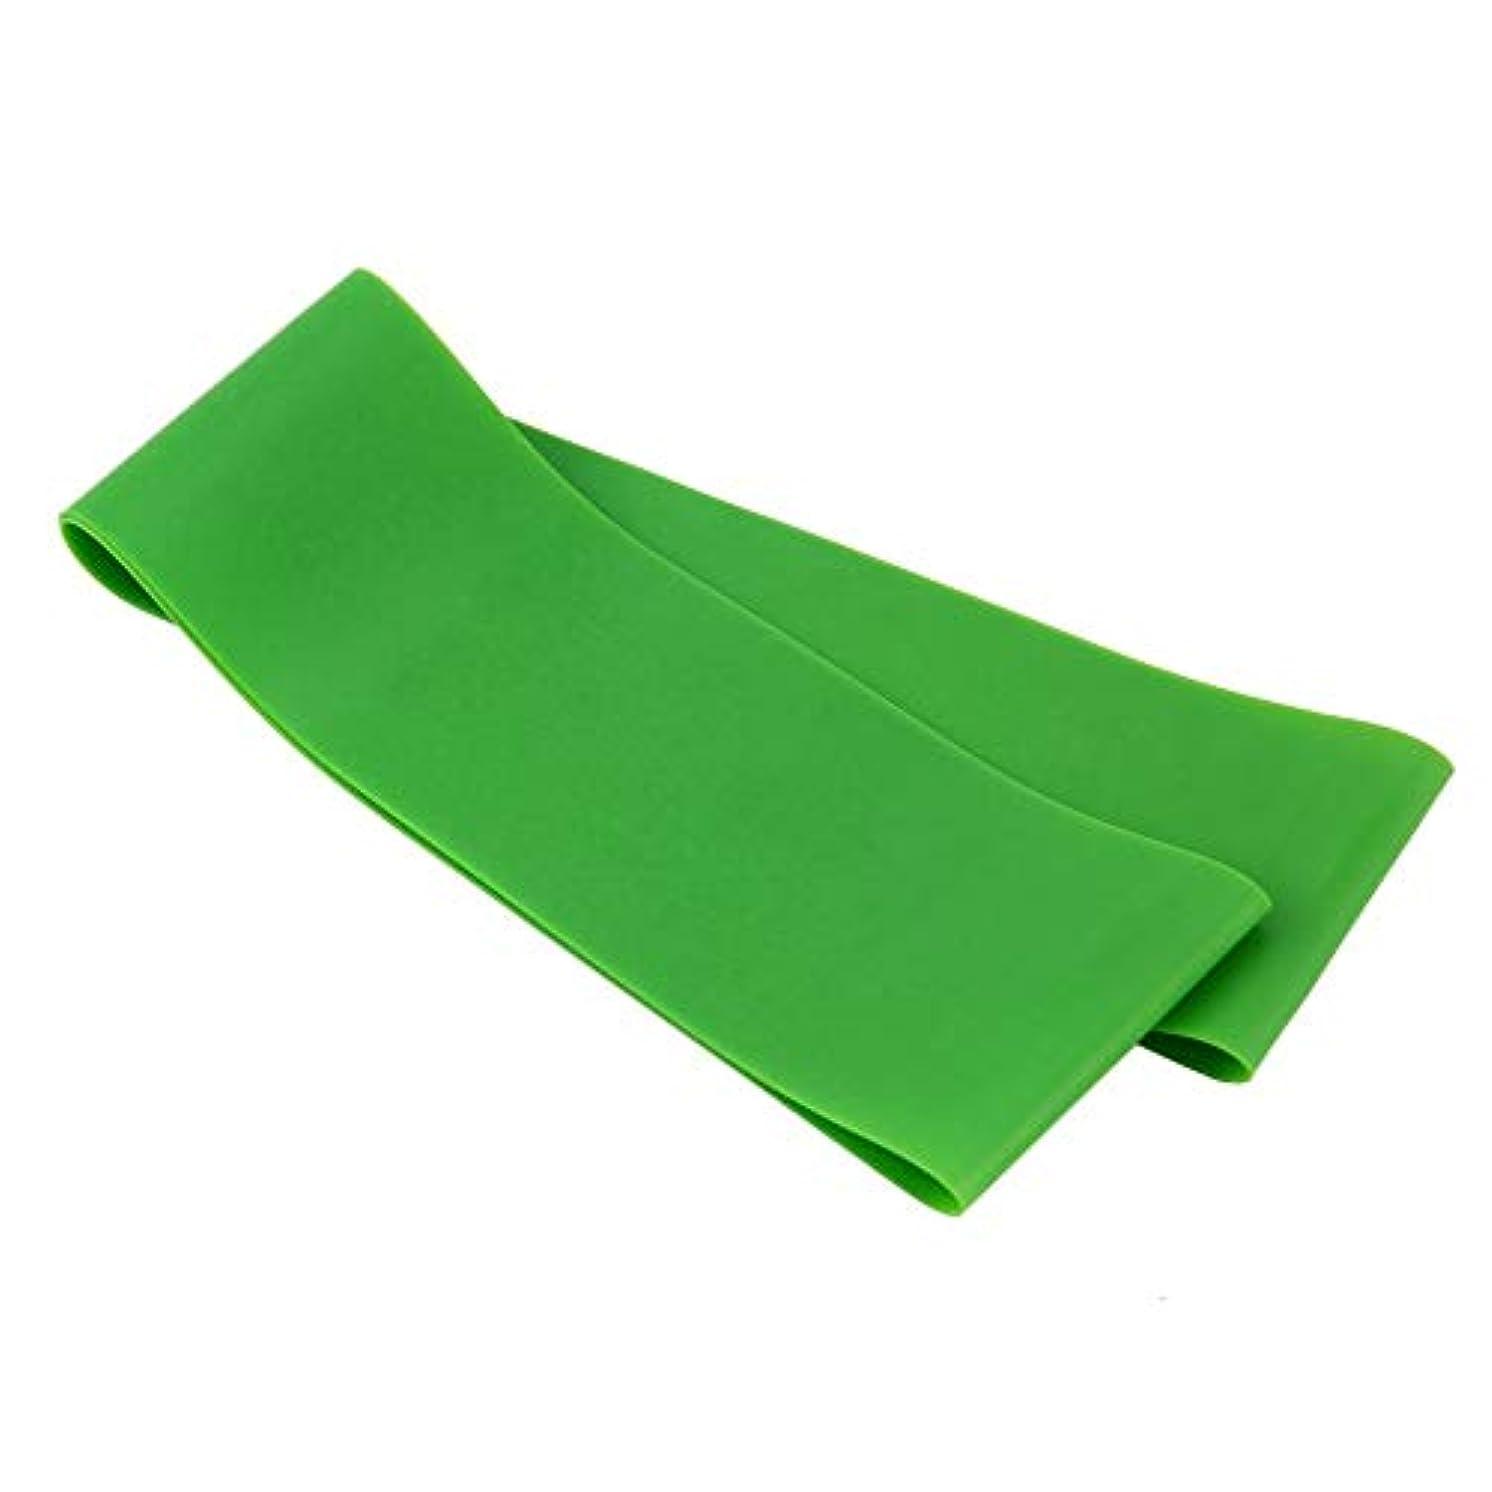 細菌エクスタシースーツケース滑り止め伸縮性ゴム弾性ヨガベルトバンドプルロープ張力抵抗バンドループ強度のためのフィットネスヨガツール - グリーン